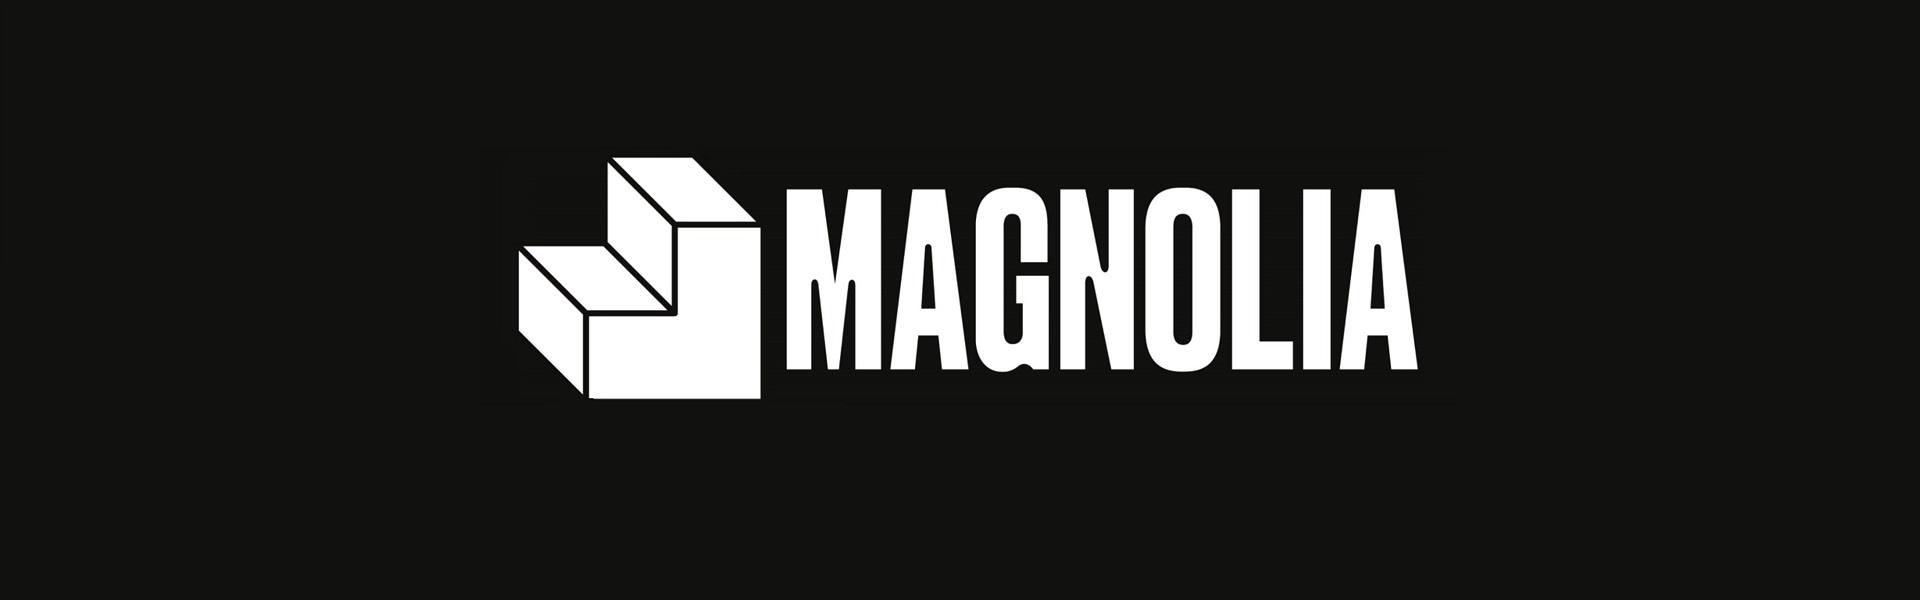 Circolo Magnolia Segrate Milano biglietti concerti eventi Mailticket | Notizie